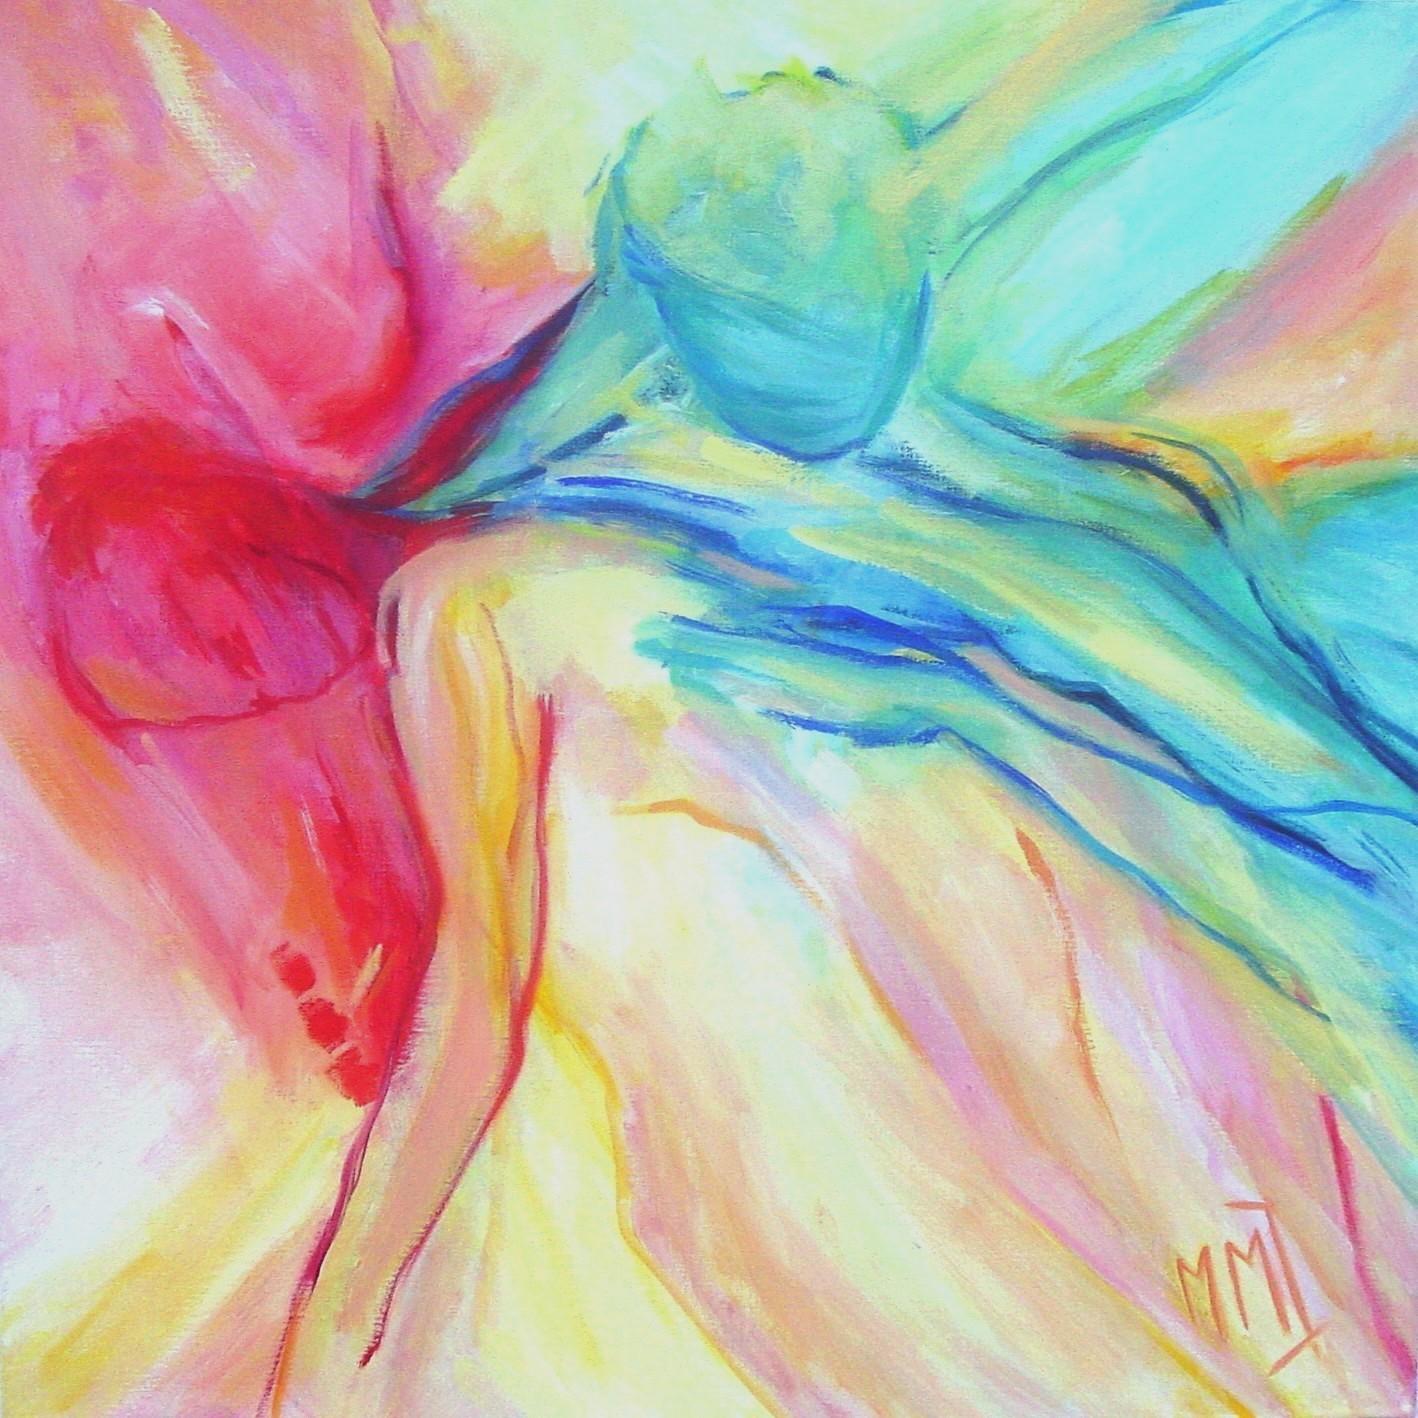 Dans, acryl op linnen, 80 x 80 cm, 2004 (verkocht)